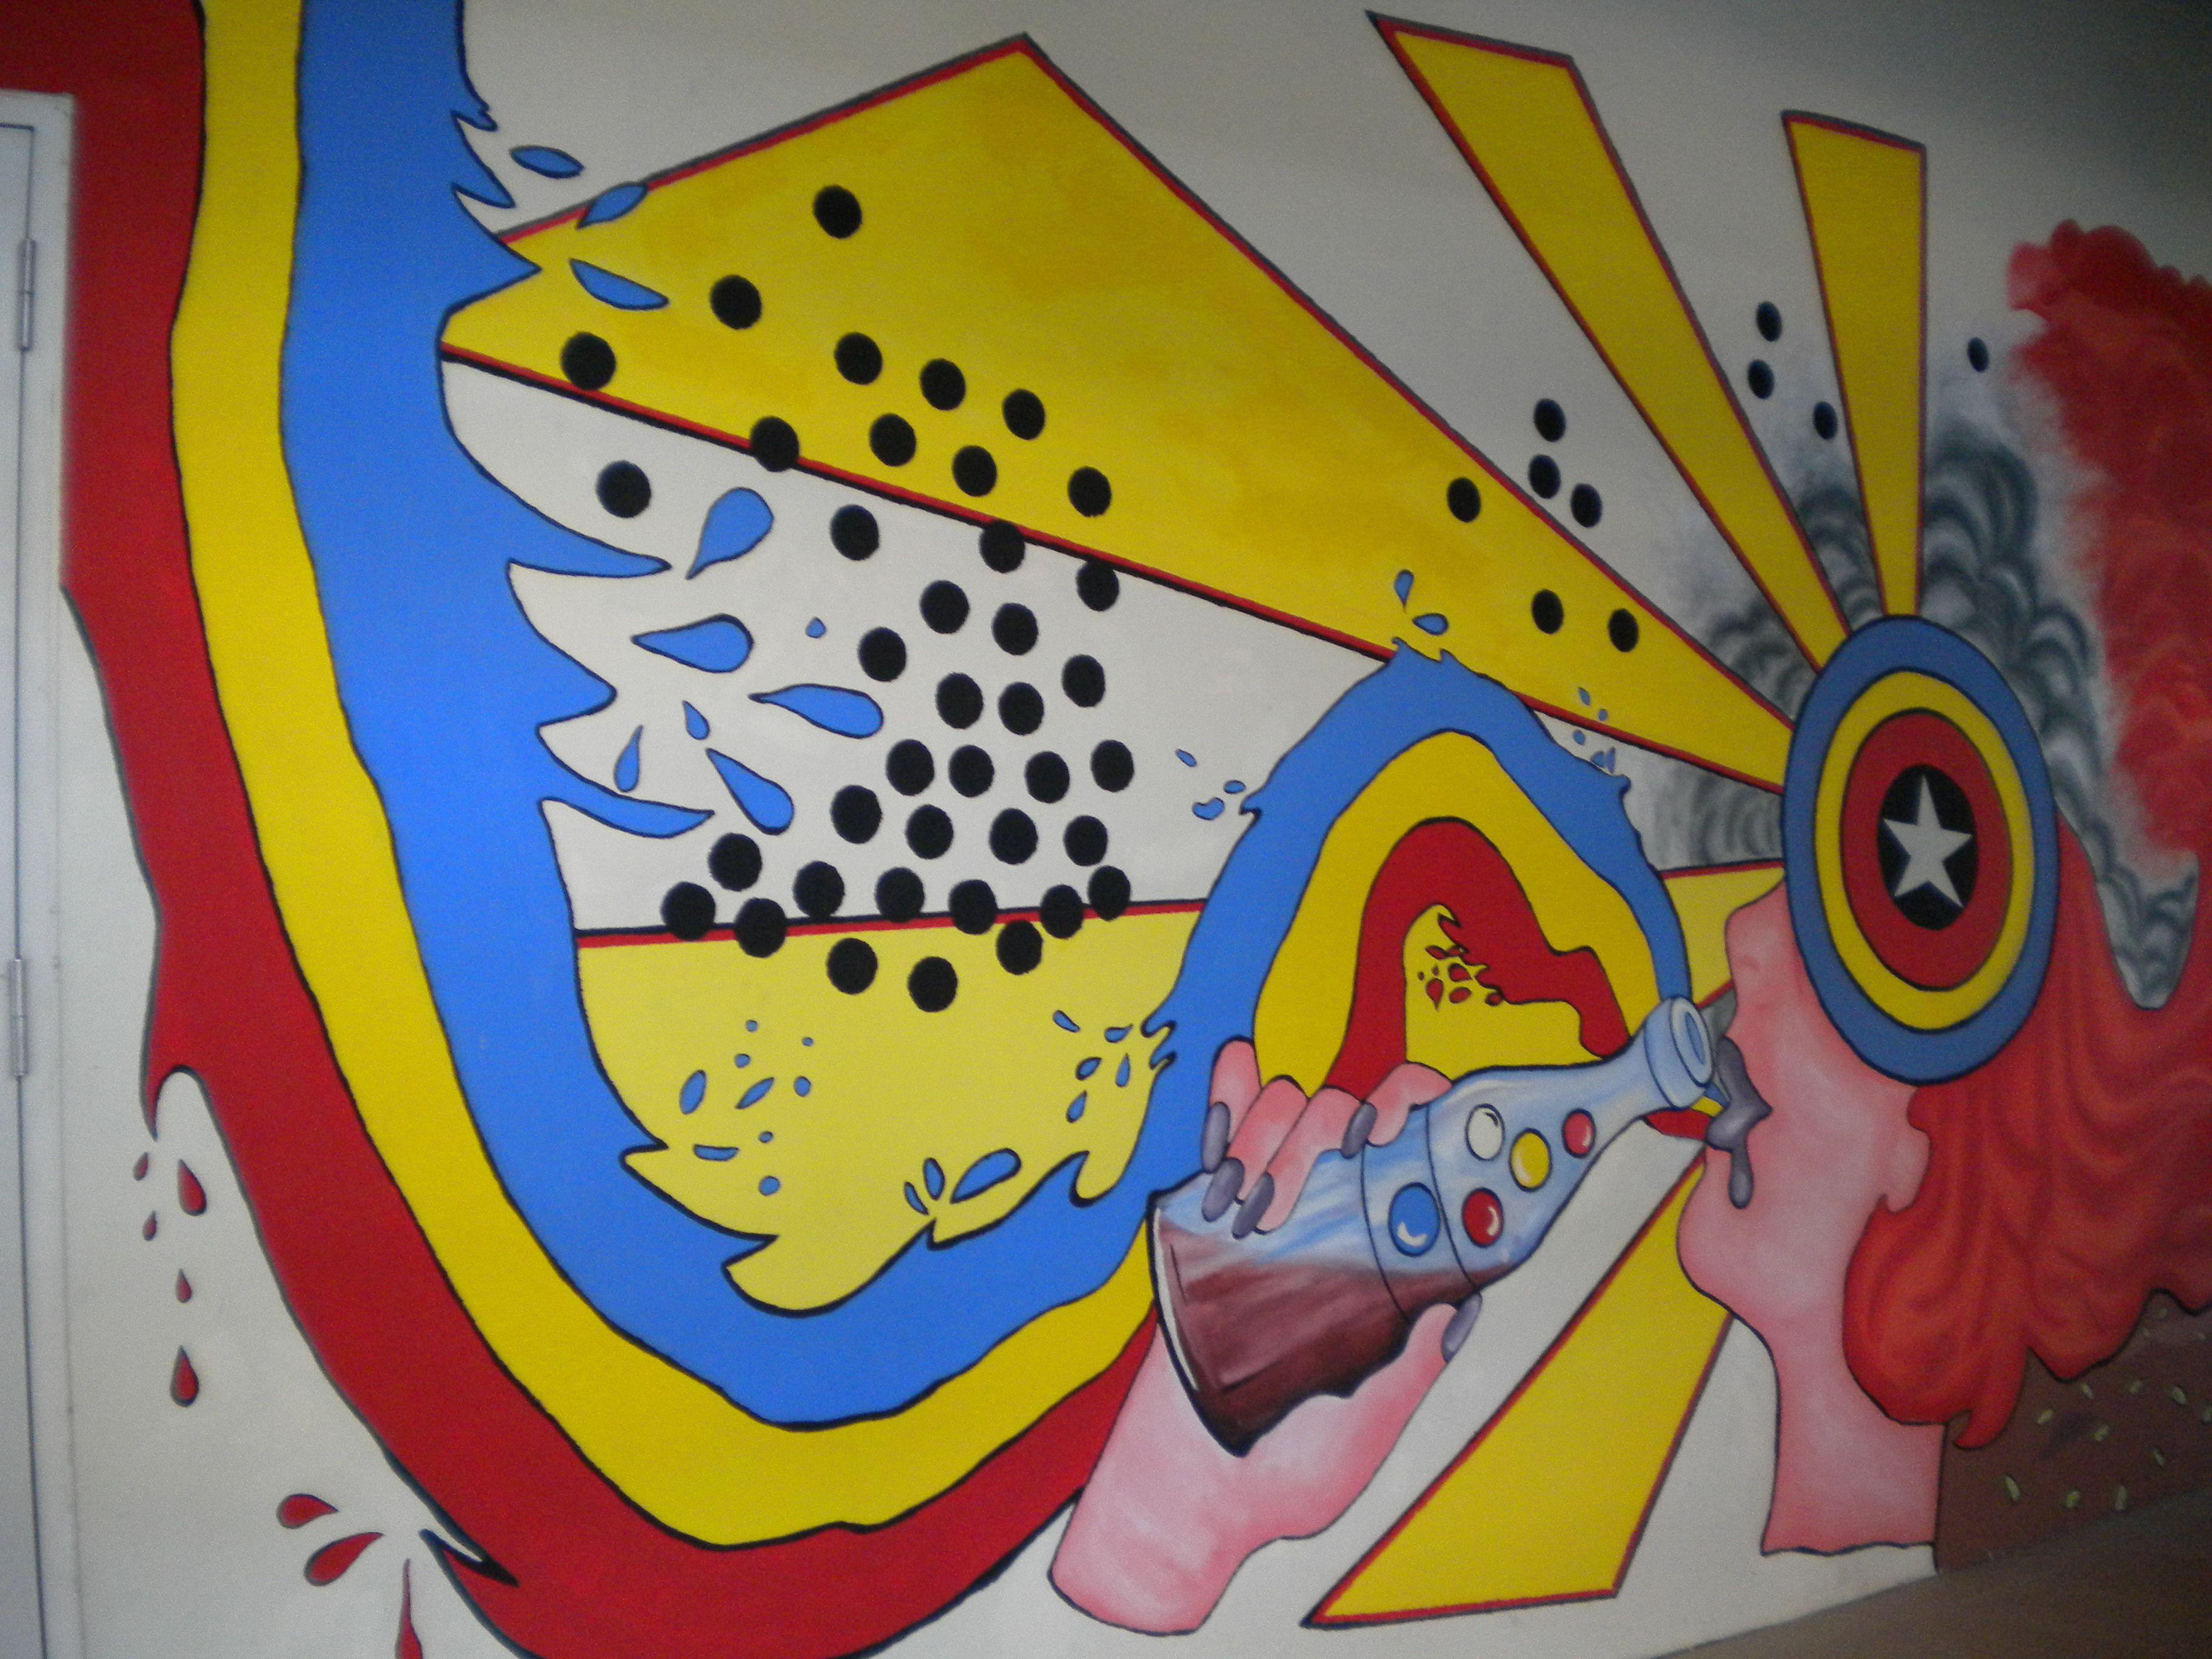 Painted Wall | Pop-art | Pinterest | Paint walls